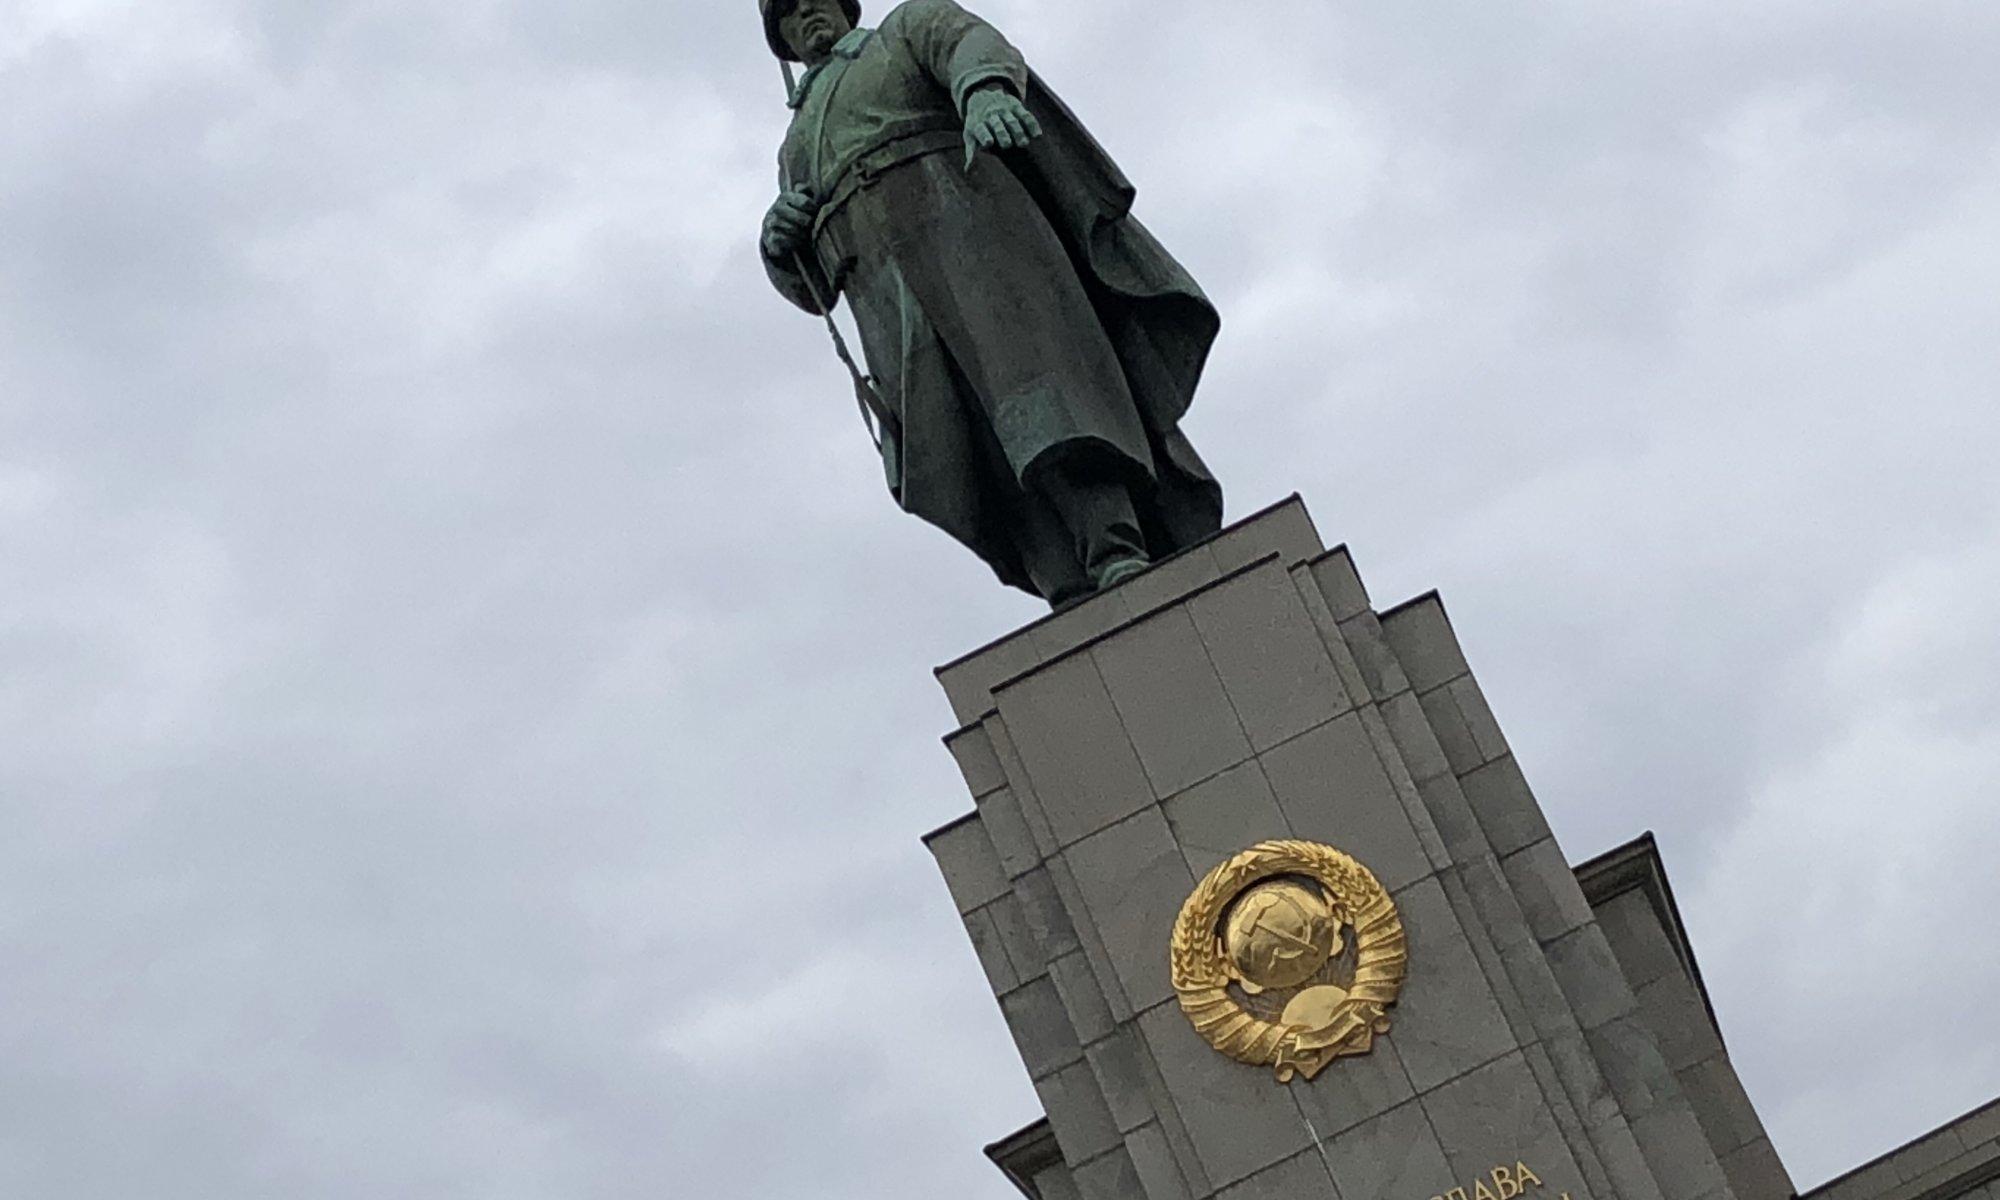 Sowjet Memorial, Tiergarten, Berlin